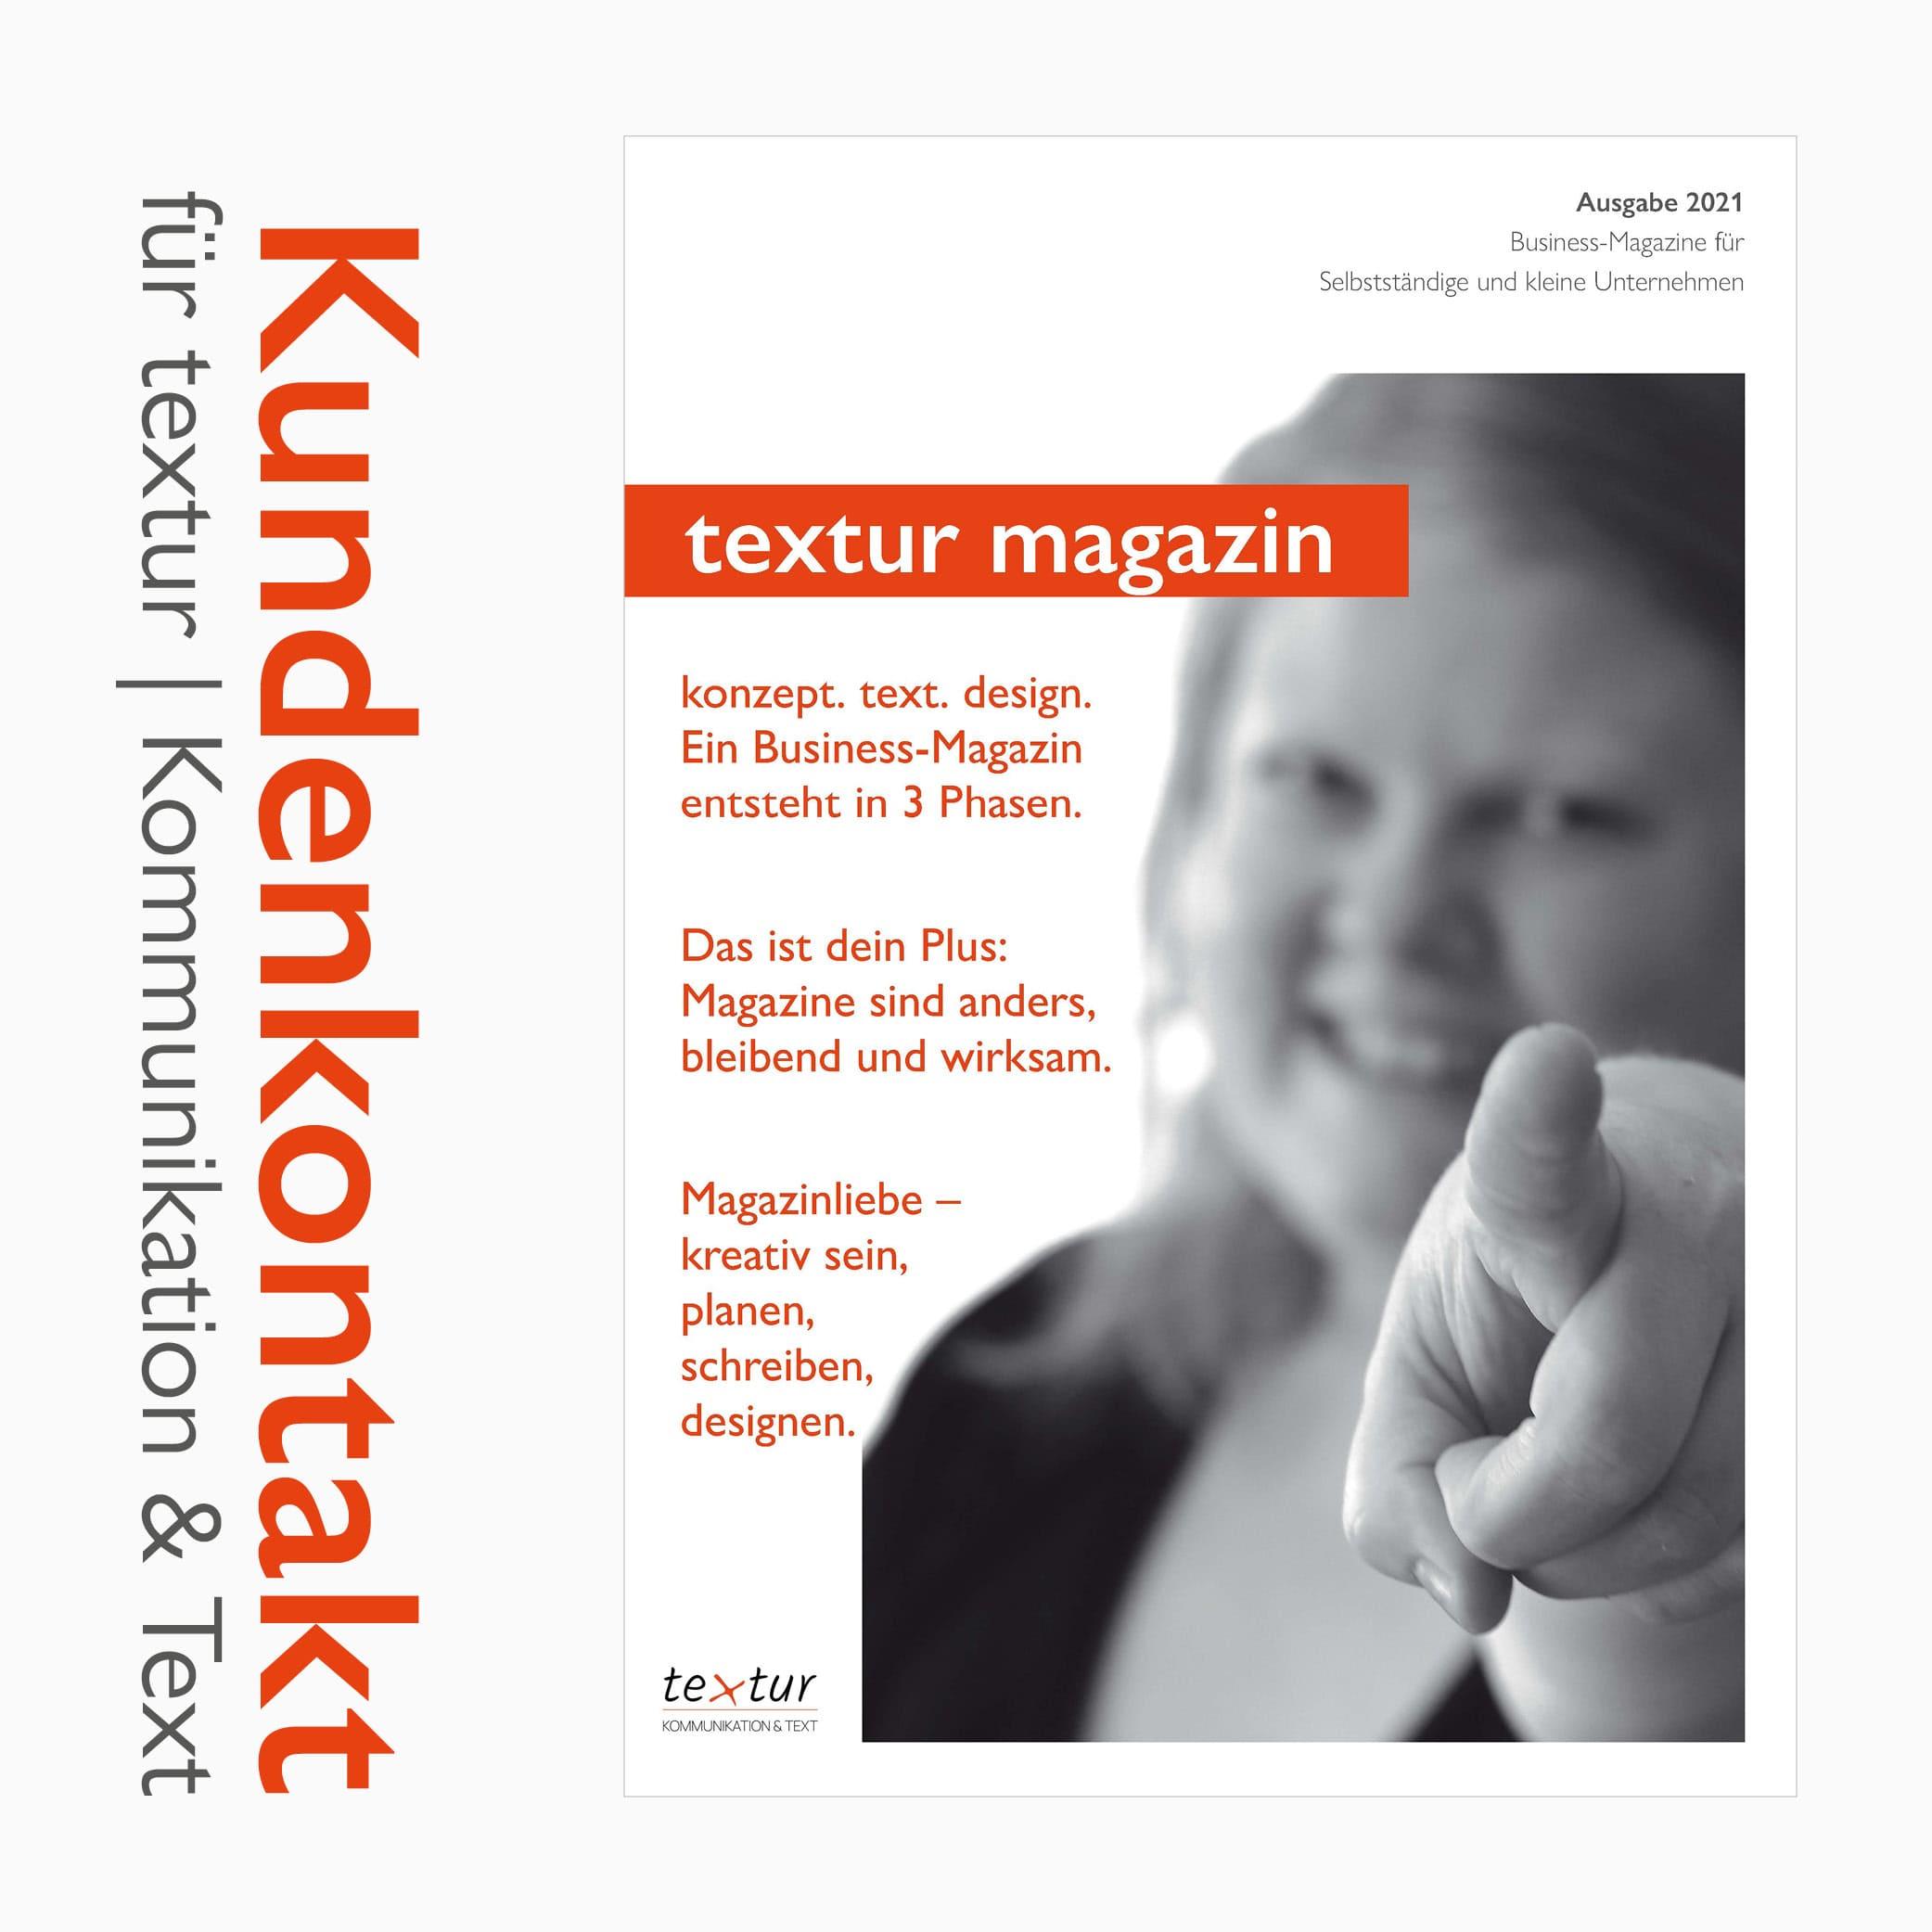 Magazine Referenzen: Kundenkontakt für textur | Kommunikation & Text